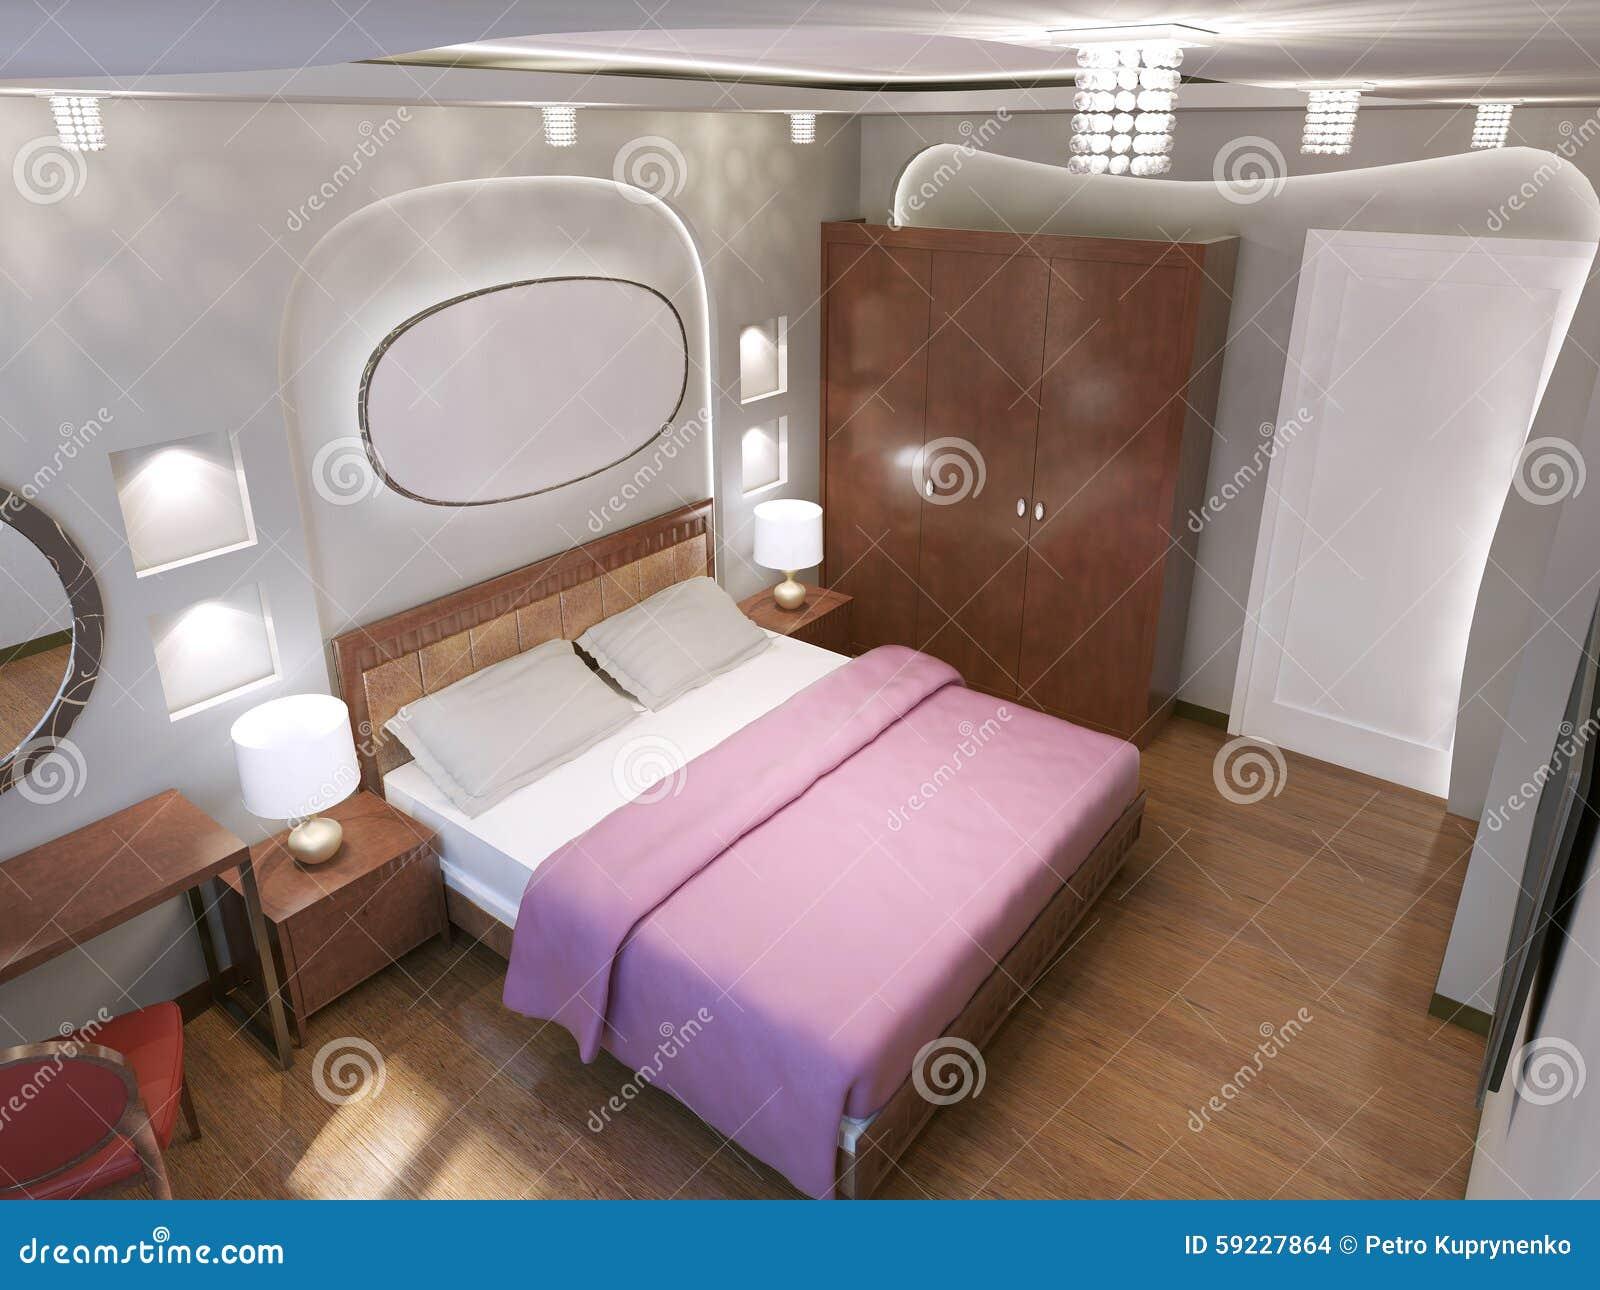 Download Diseño De Dormitorio Del Art Nouveau Stock de ilustración - Ilustración de bedchamber, hermoso: 59227864